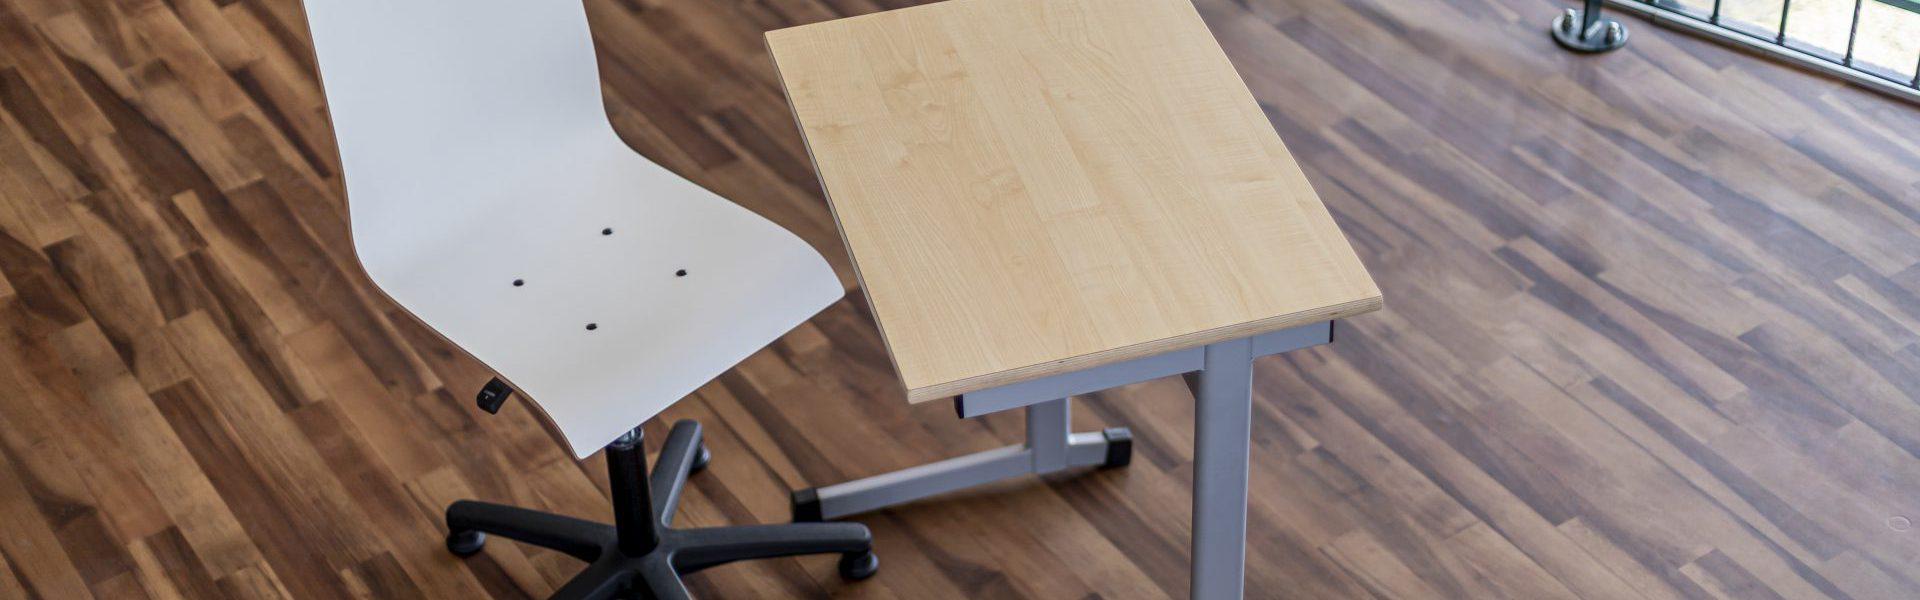 Rodachair HPL 160 HPL houten kuip